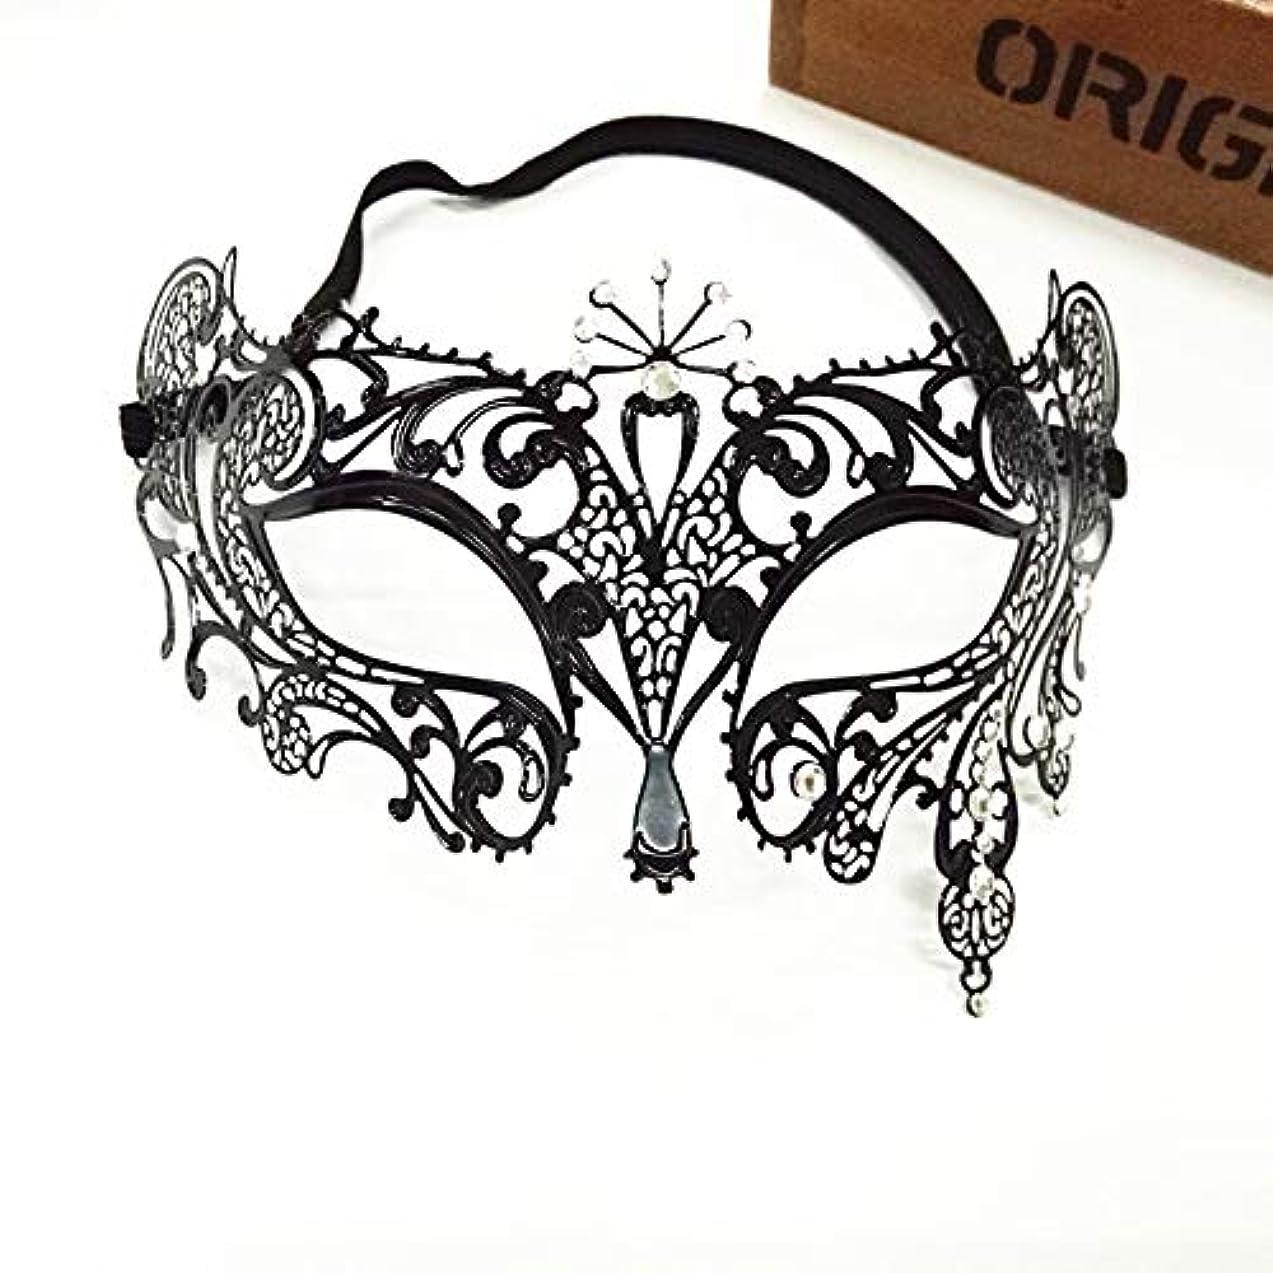 分析的な有料磁石ハロウィン女性のマスク高級金属マスク仮装アイマスク